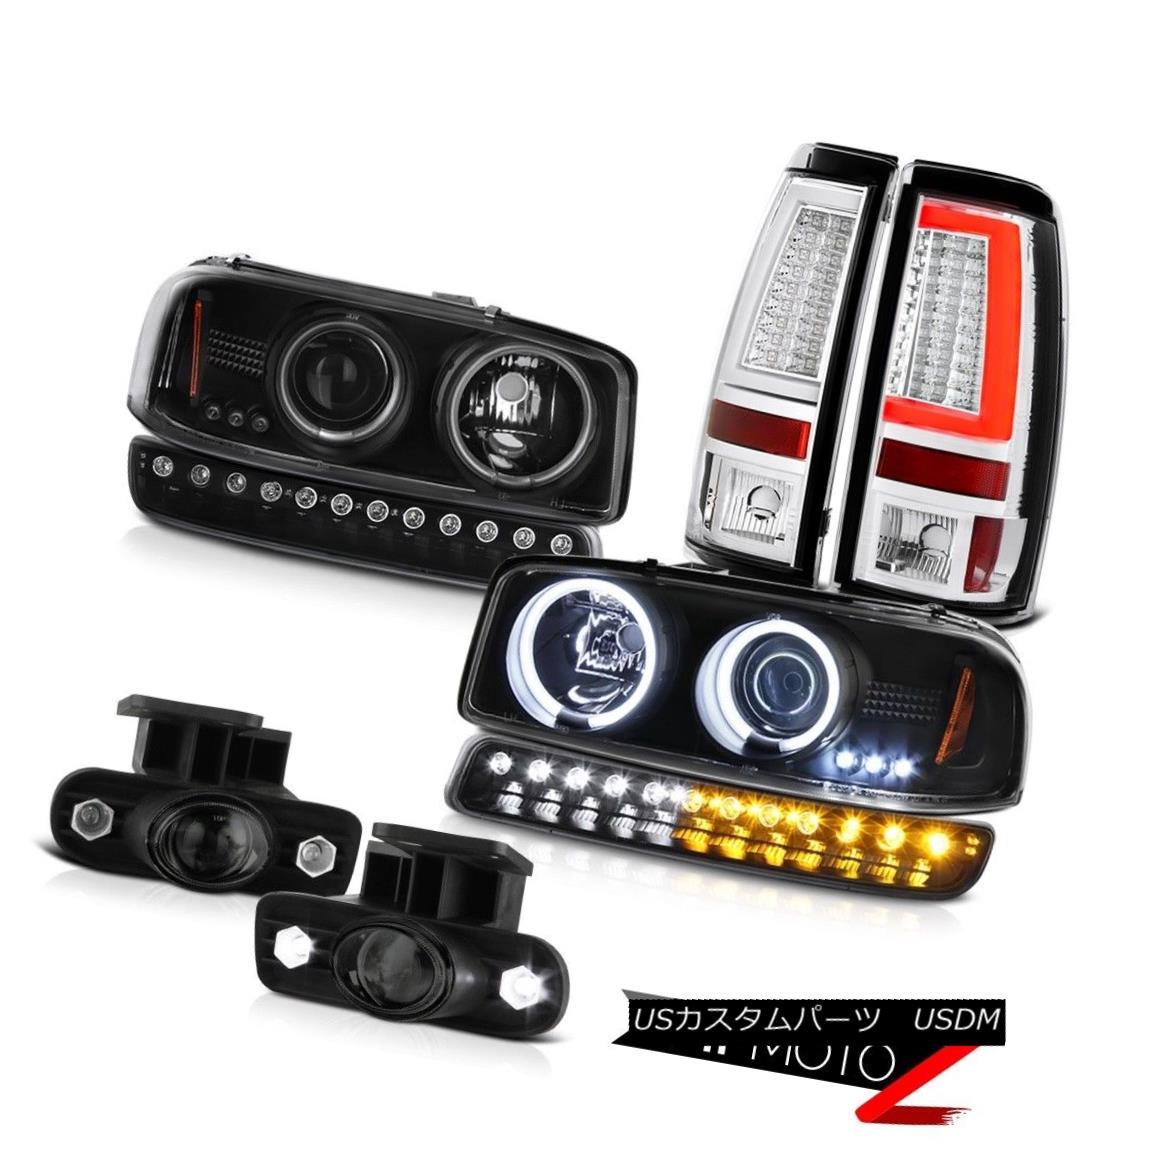 ヘッドライト 1999-2002 Sierra 2500HD Tail Lamps Turn Signal Fog CCFL Headlights